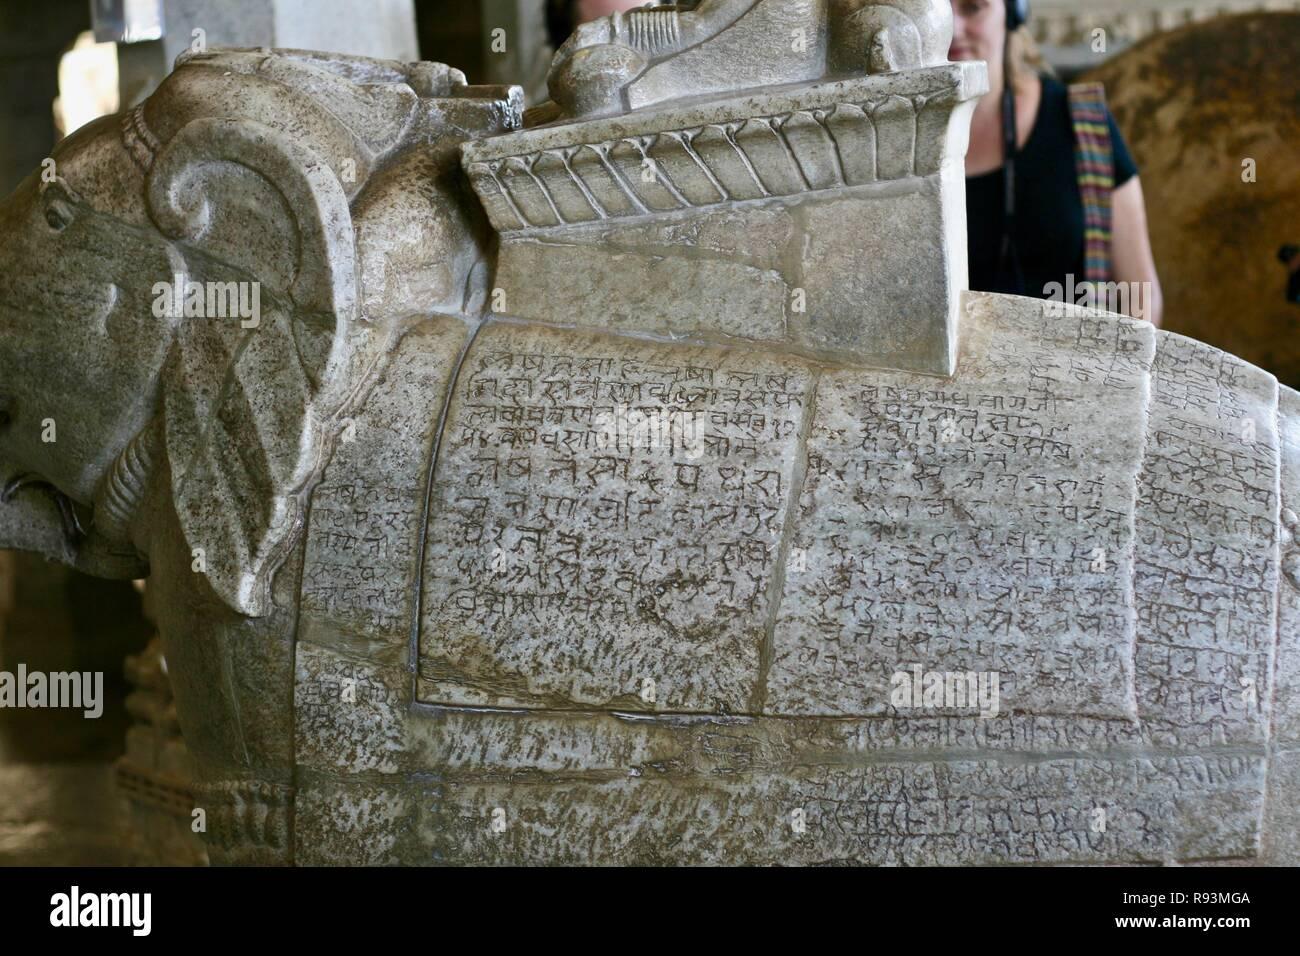 Scritta in sanscrito intagliato in marmo bianco elefante in India Immagini Stock